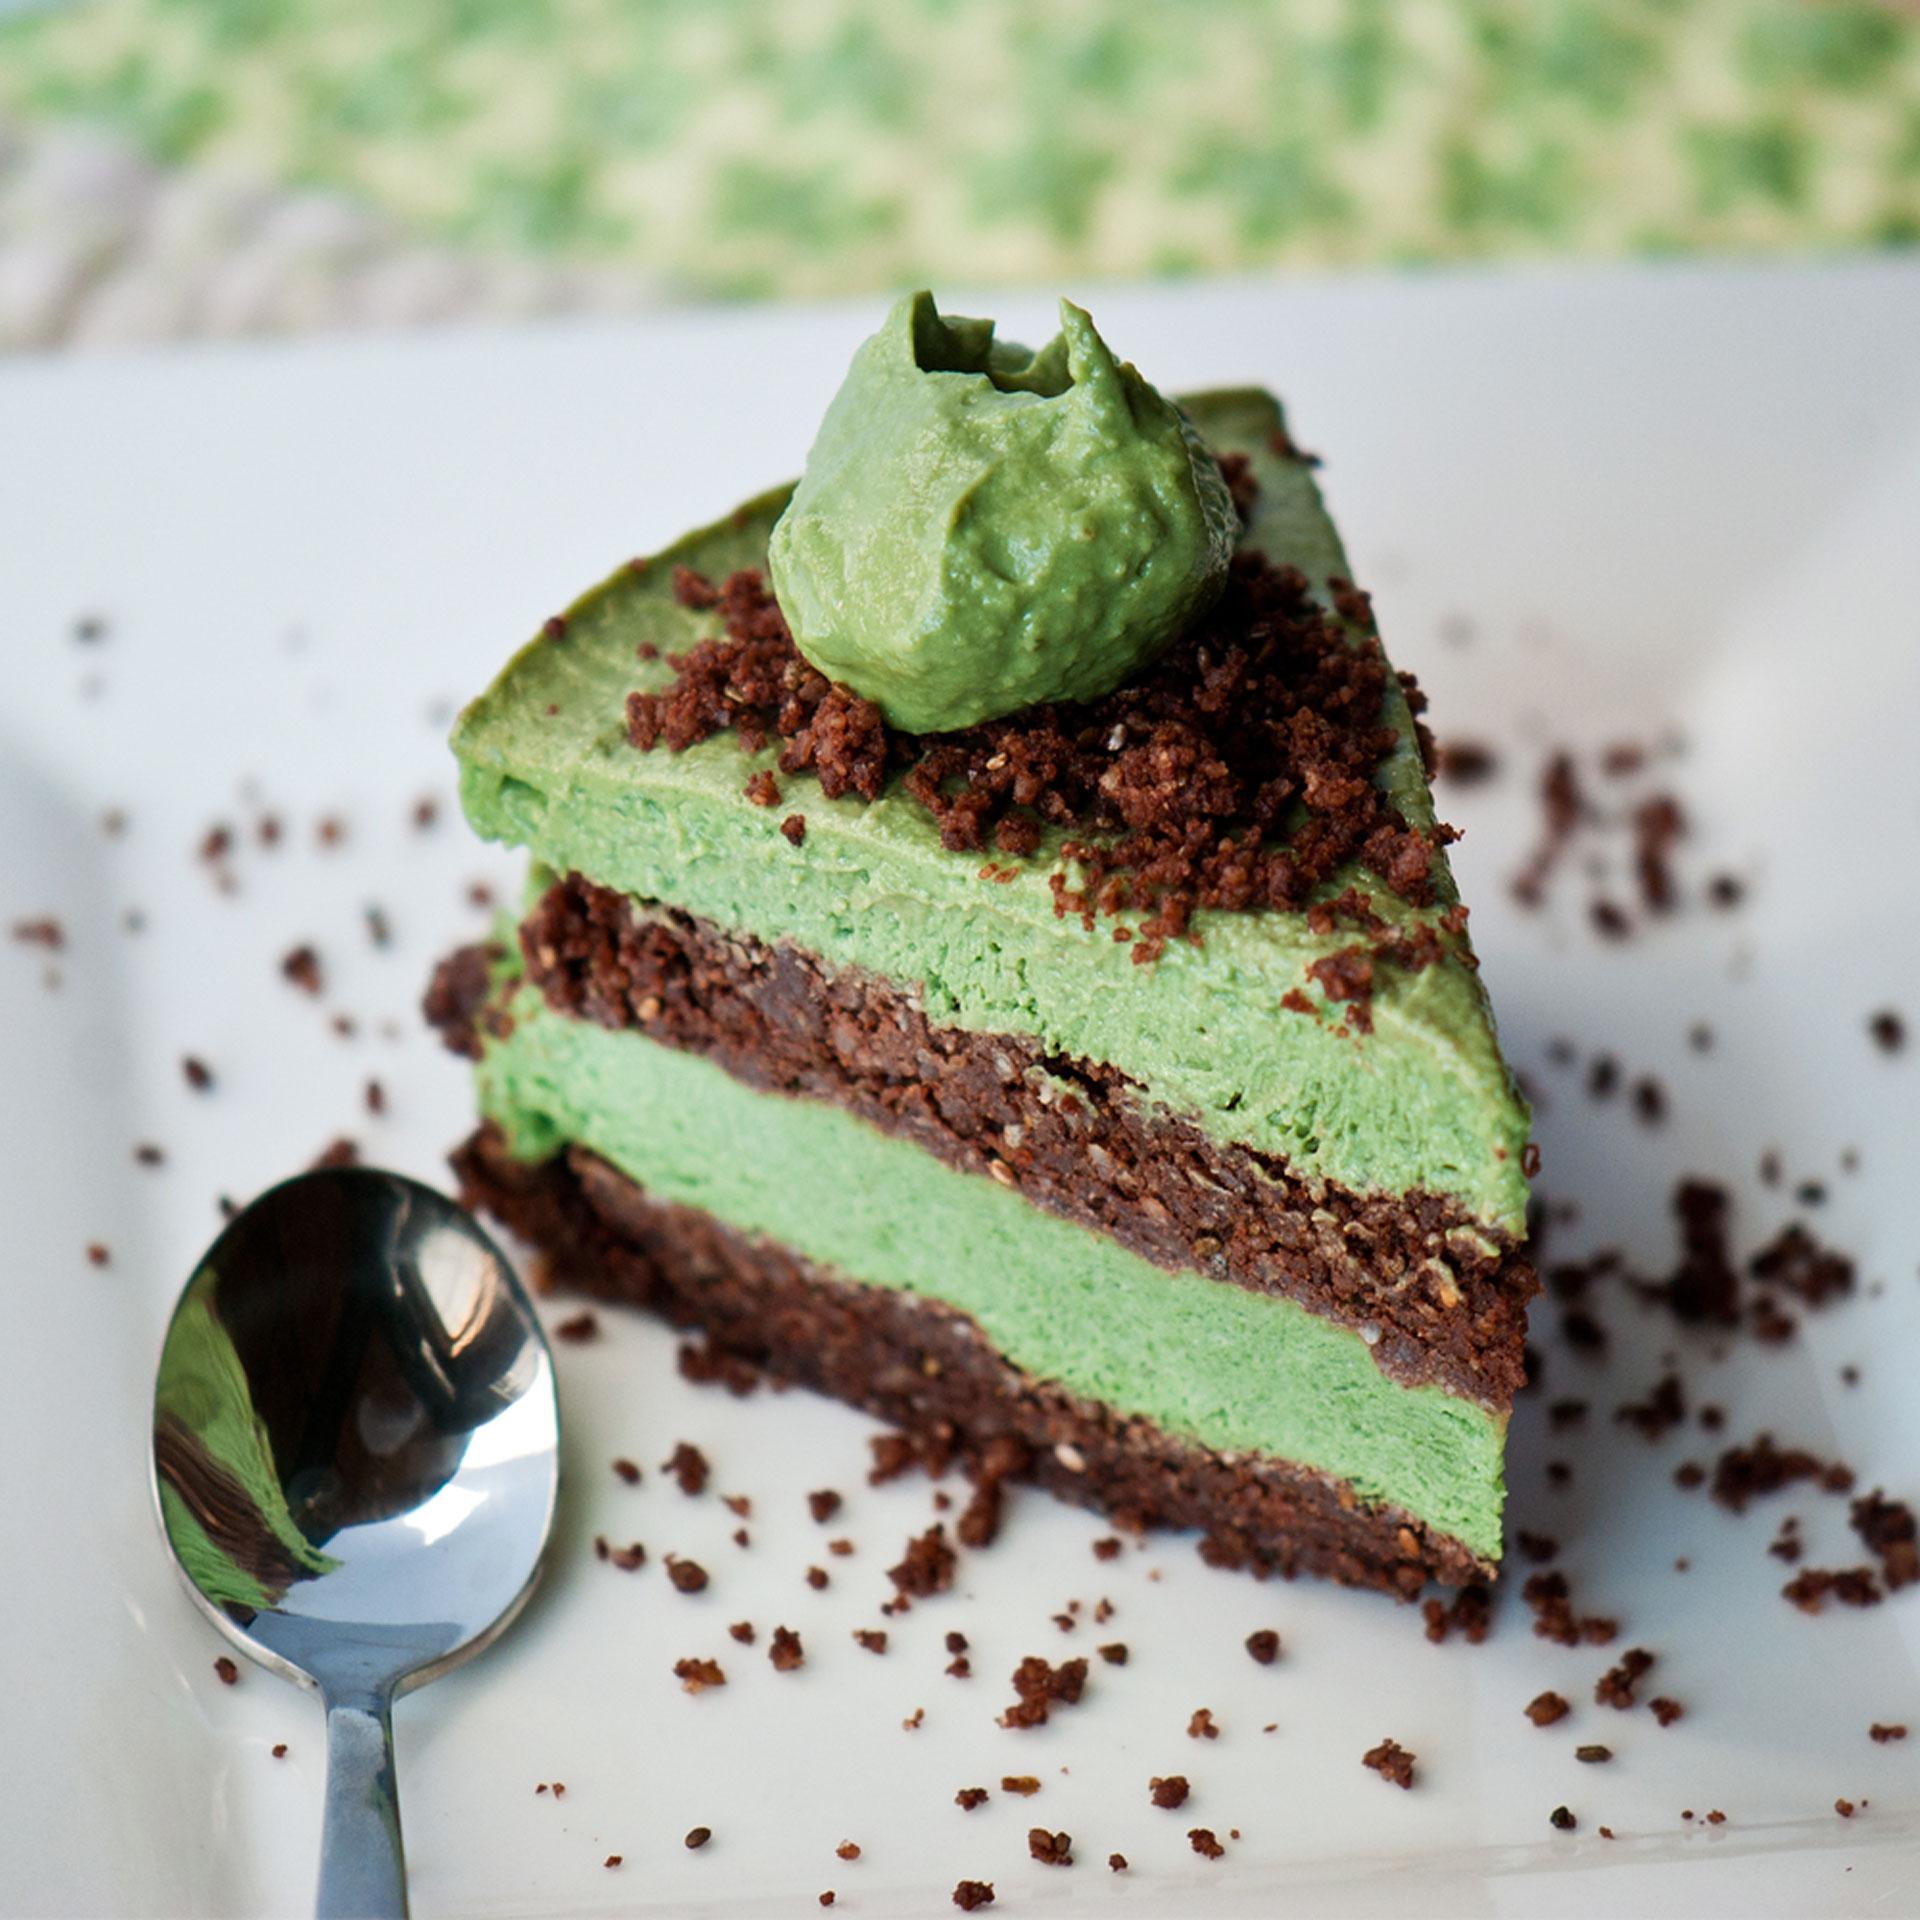 avocado dessert recipes healthy desserts made with avocado. Black Bedroom Furniture Sets. Home Design Ideas